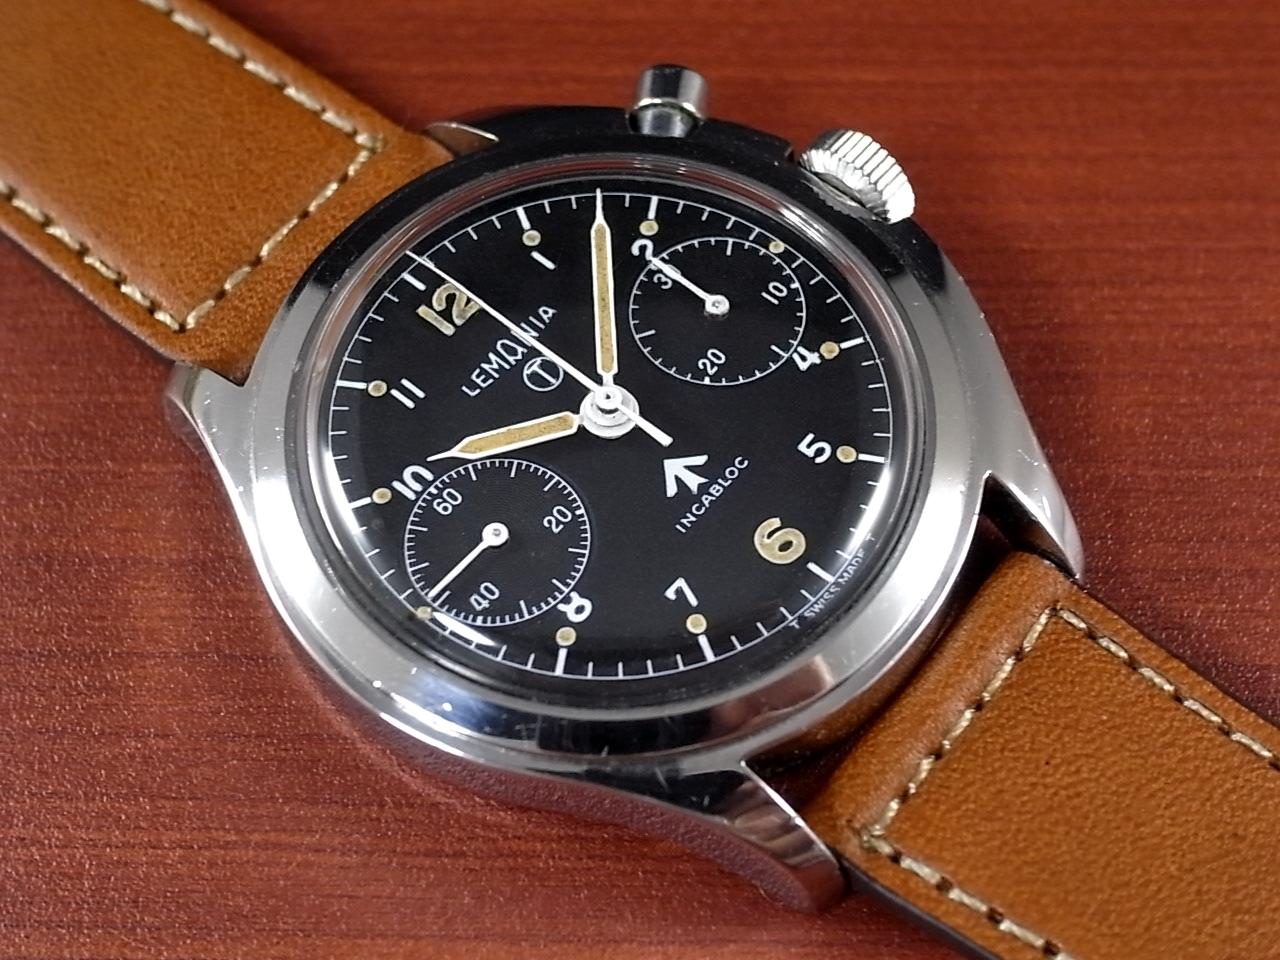 レマニア 軍用時計 イギリス空軍 6BB ワンプッシュクロノ 1960年代のメイン写真